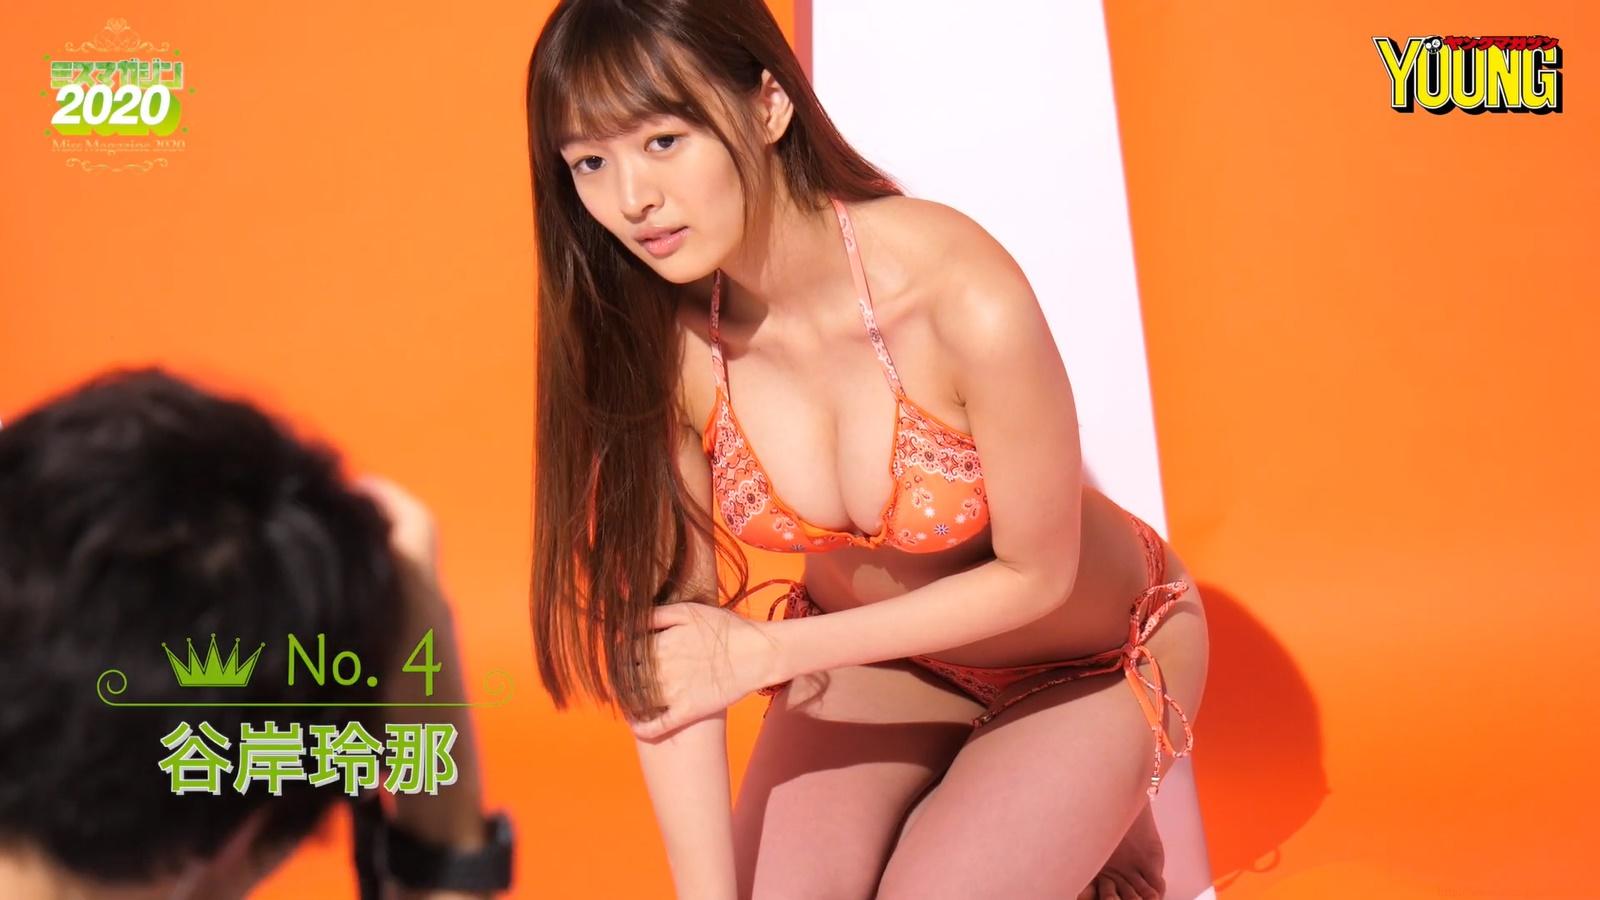 Miss Magazine 2020 Rena Tanegishi065